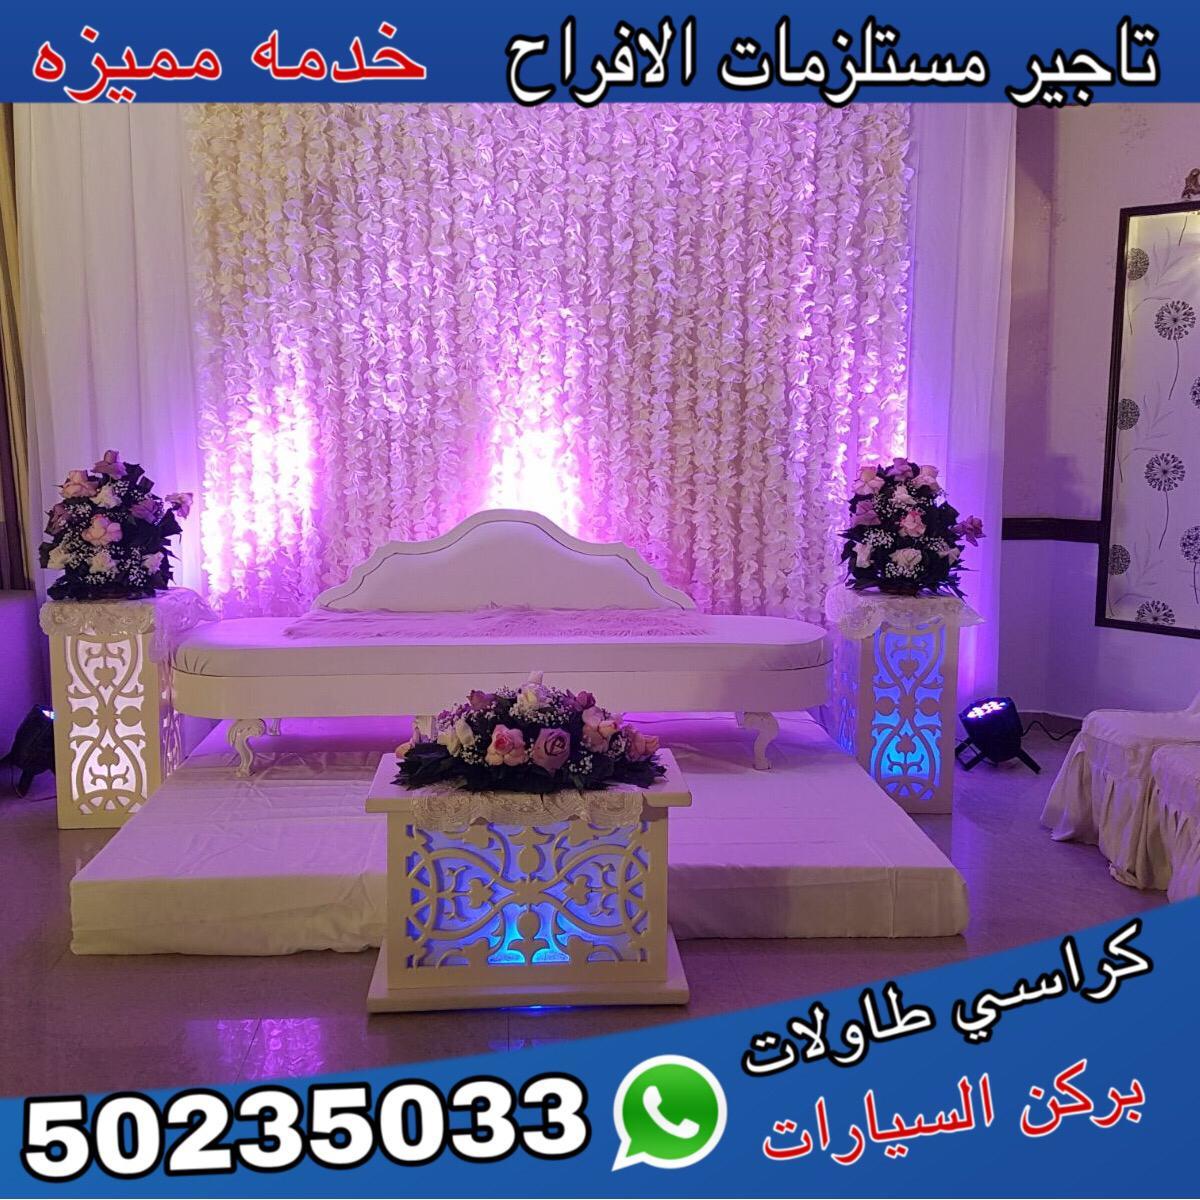 تاجير كوش افراح الكويت | 50235033 | الفخامة الكويتية